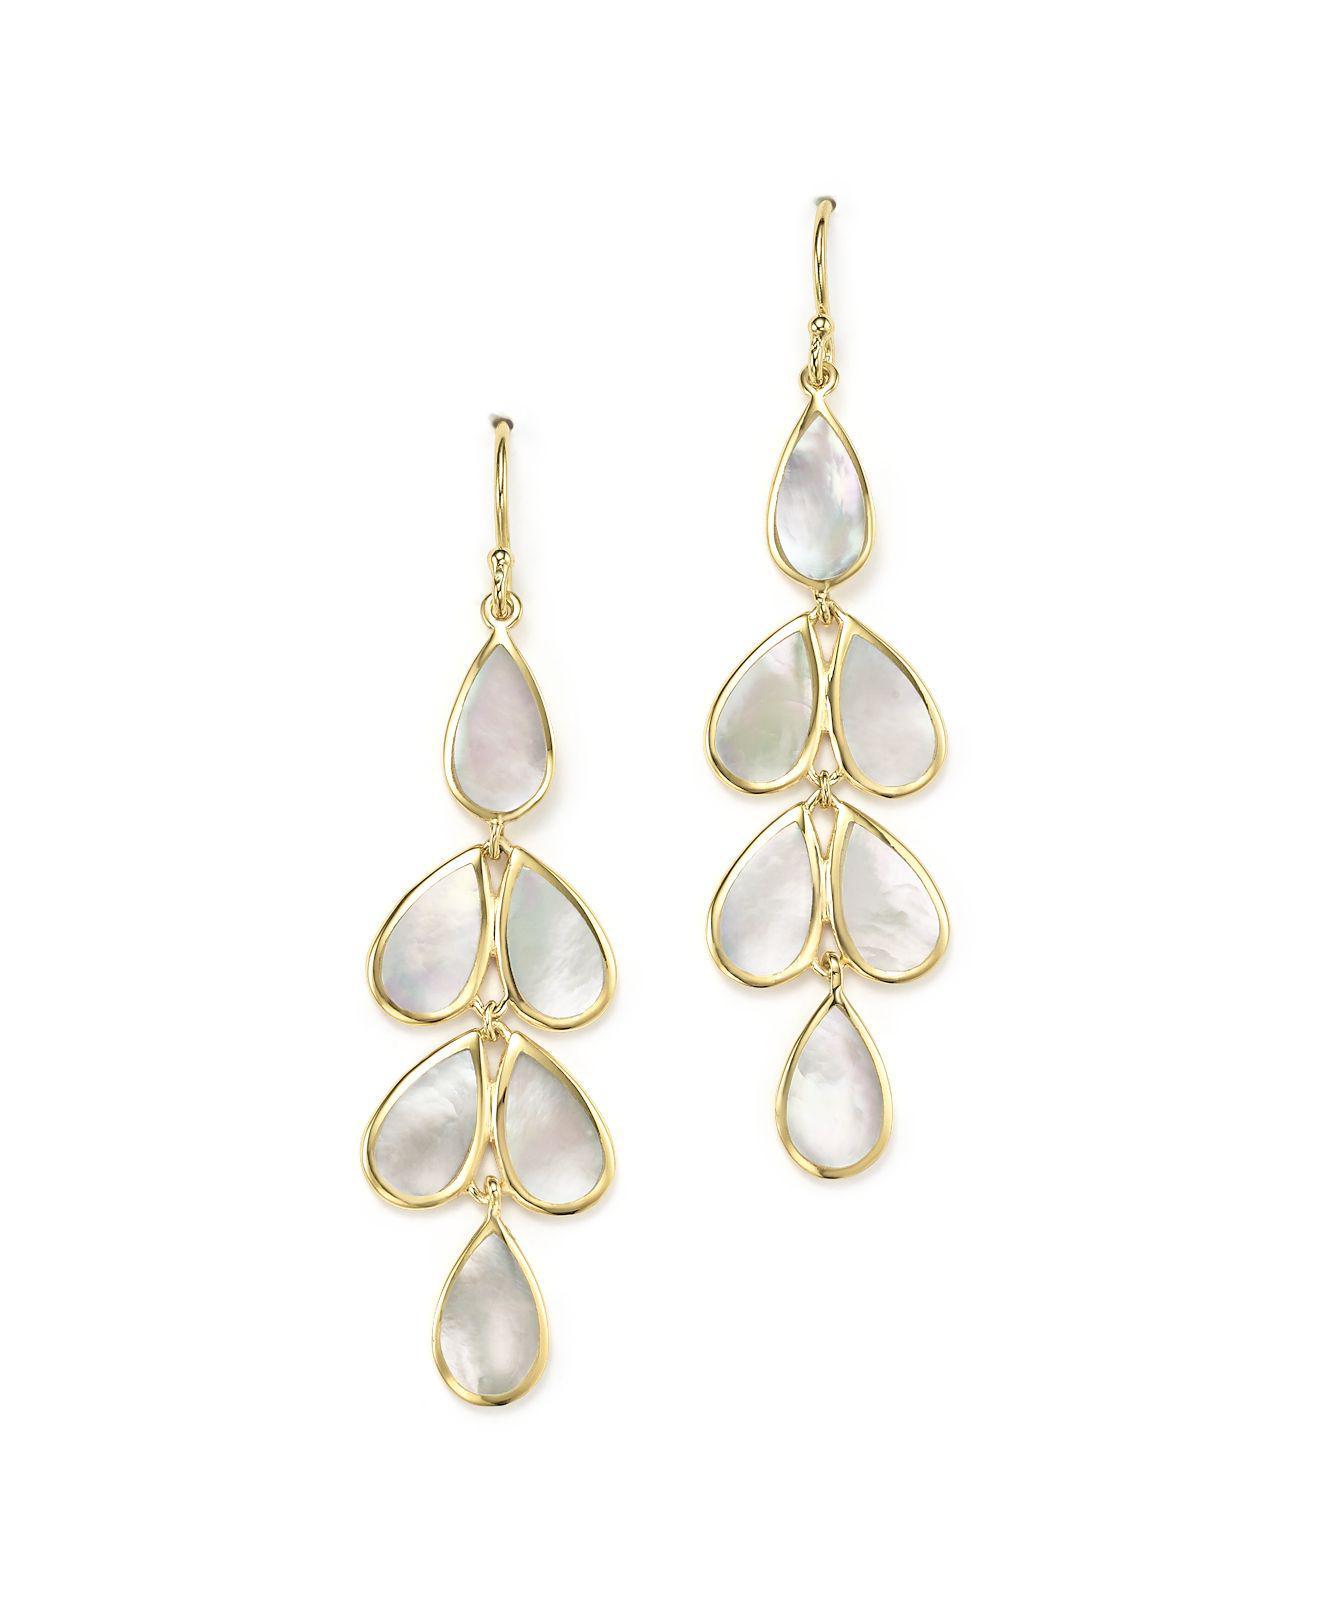 Ippolita 925 Rock Candy Teardrop Cascade Earrings in Mother-of-Pearl VgG9WqliB